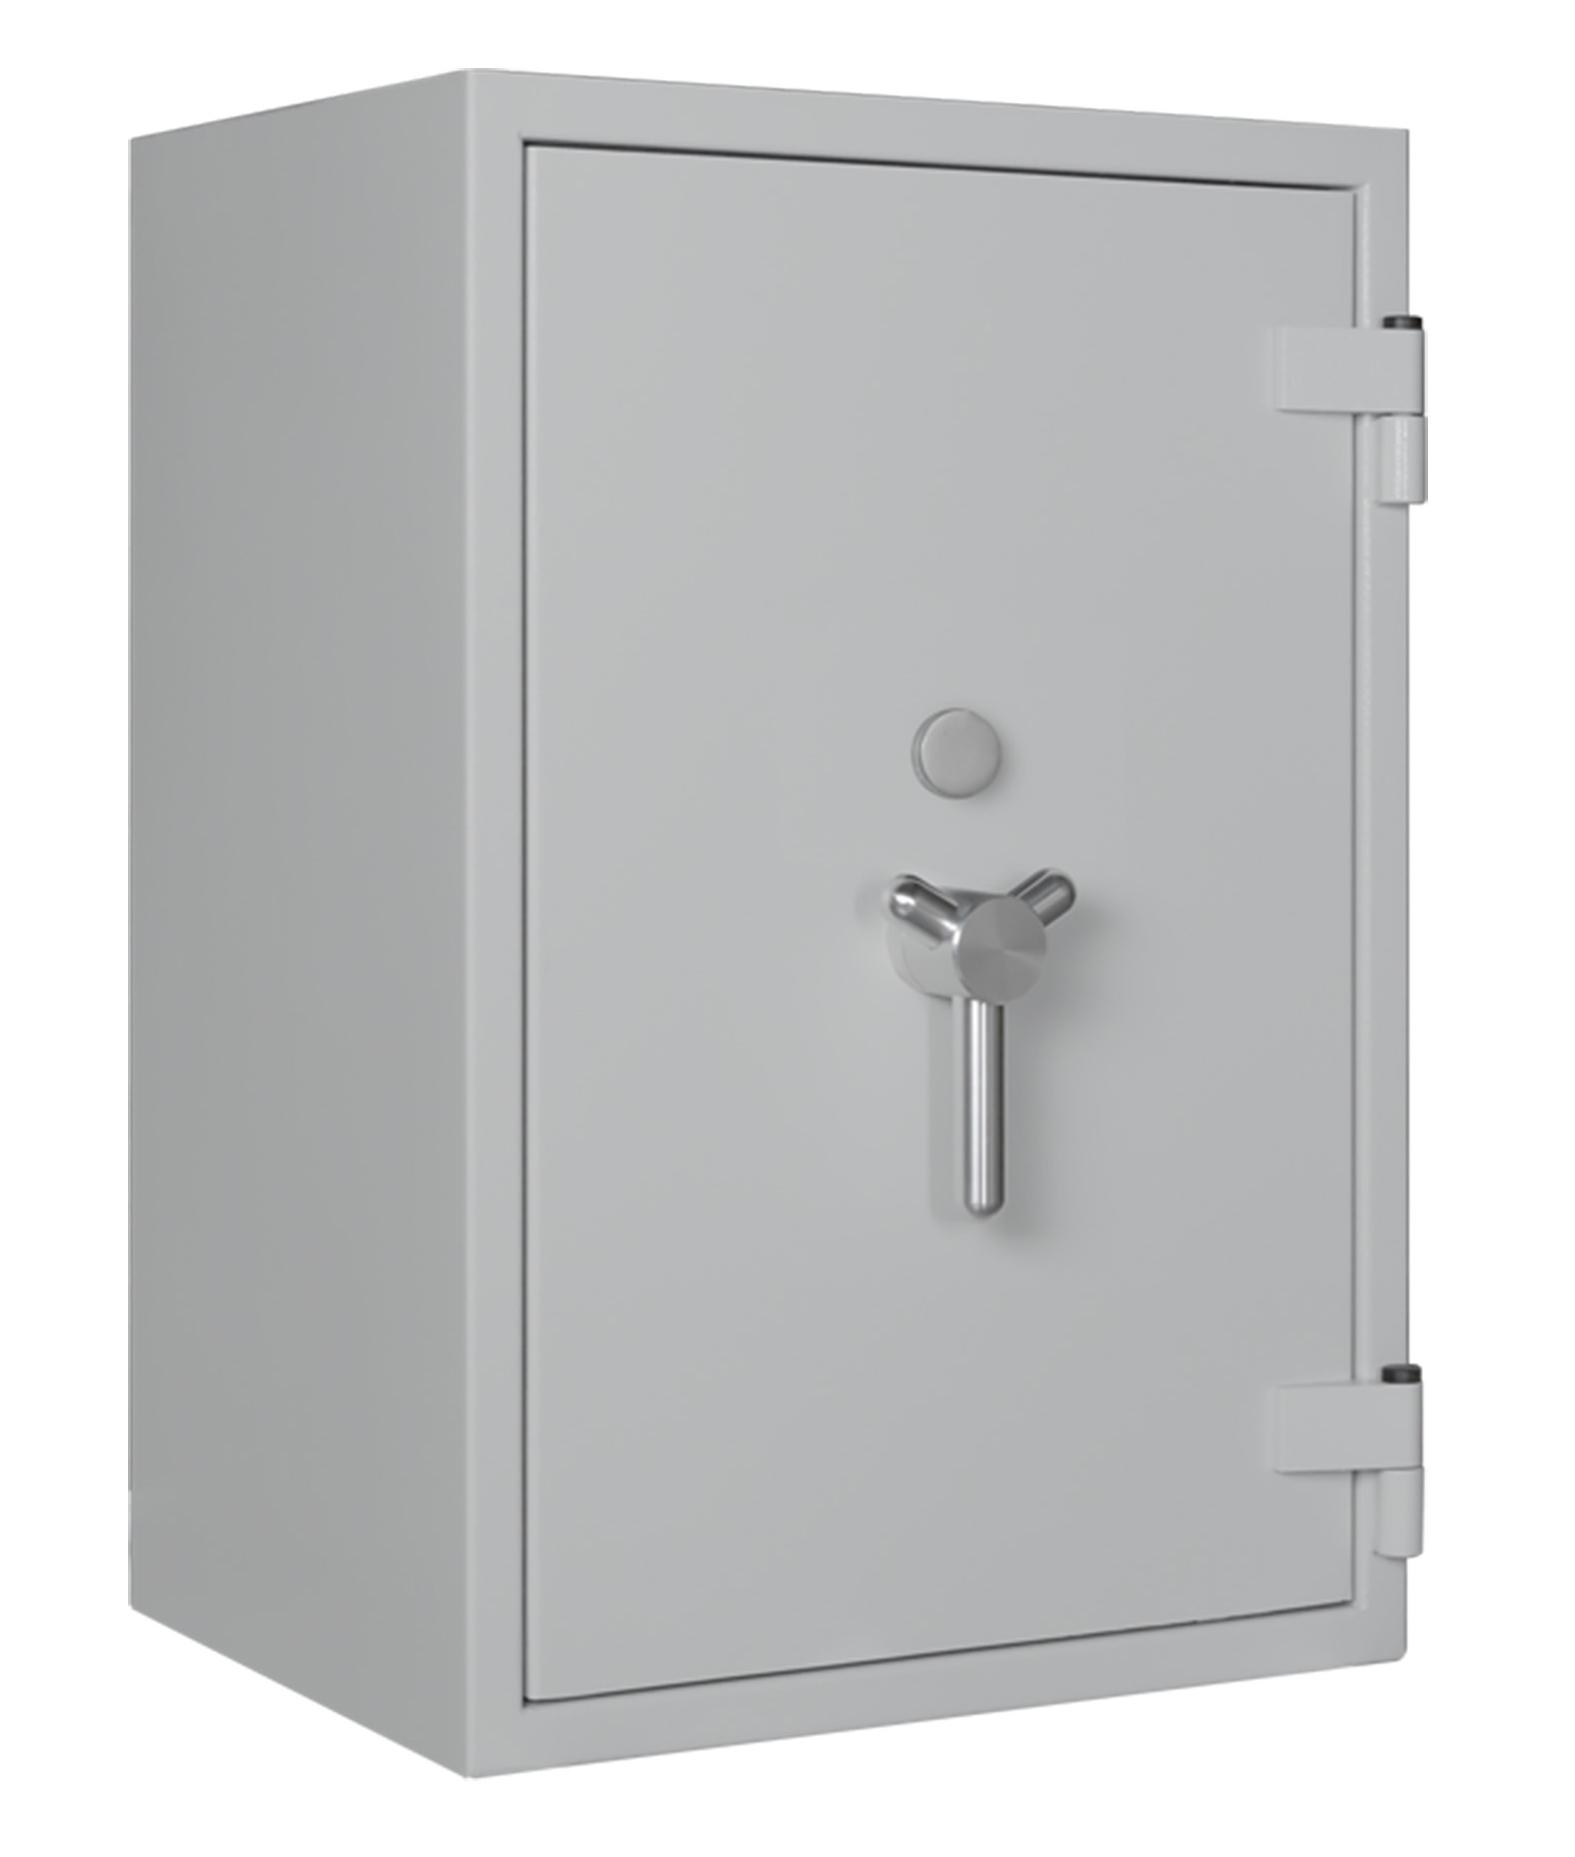 wertschutztresor format rubin pro 20 wertschutzschrank tresor vds klasse 3 grad en 1143 1. Black Bedroom Furniture Sets. Home Design Ideas